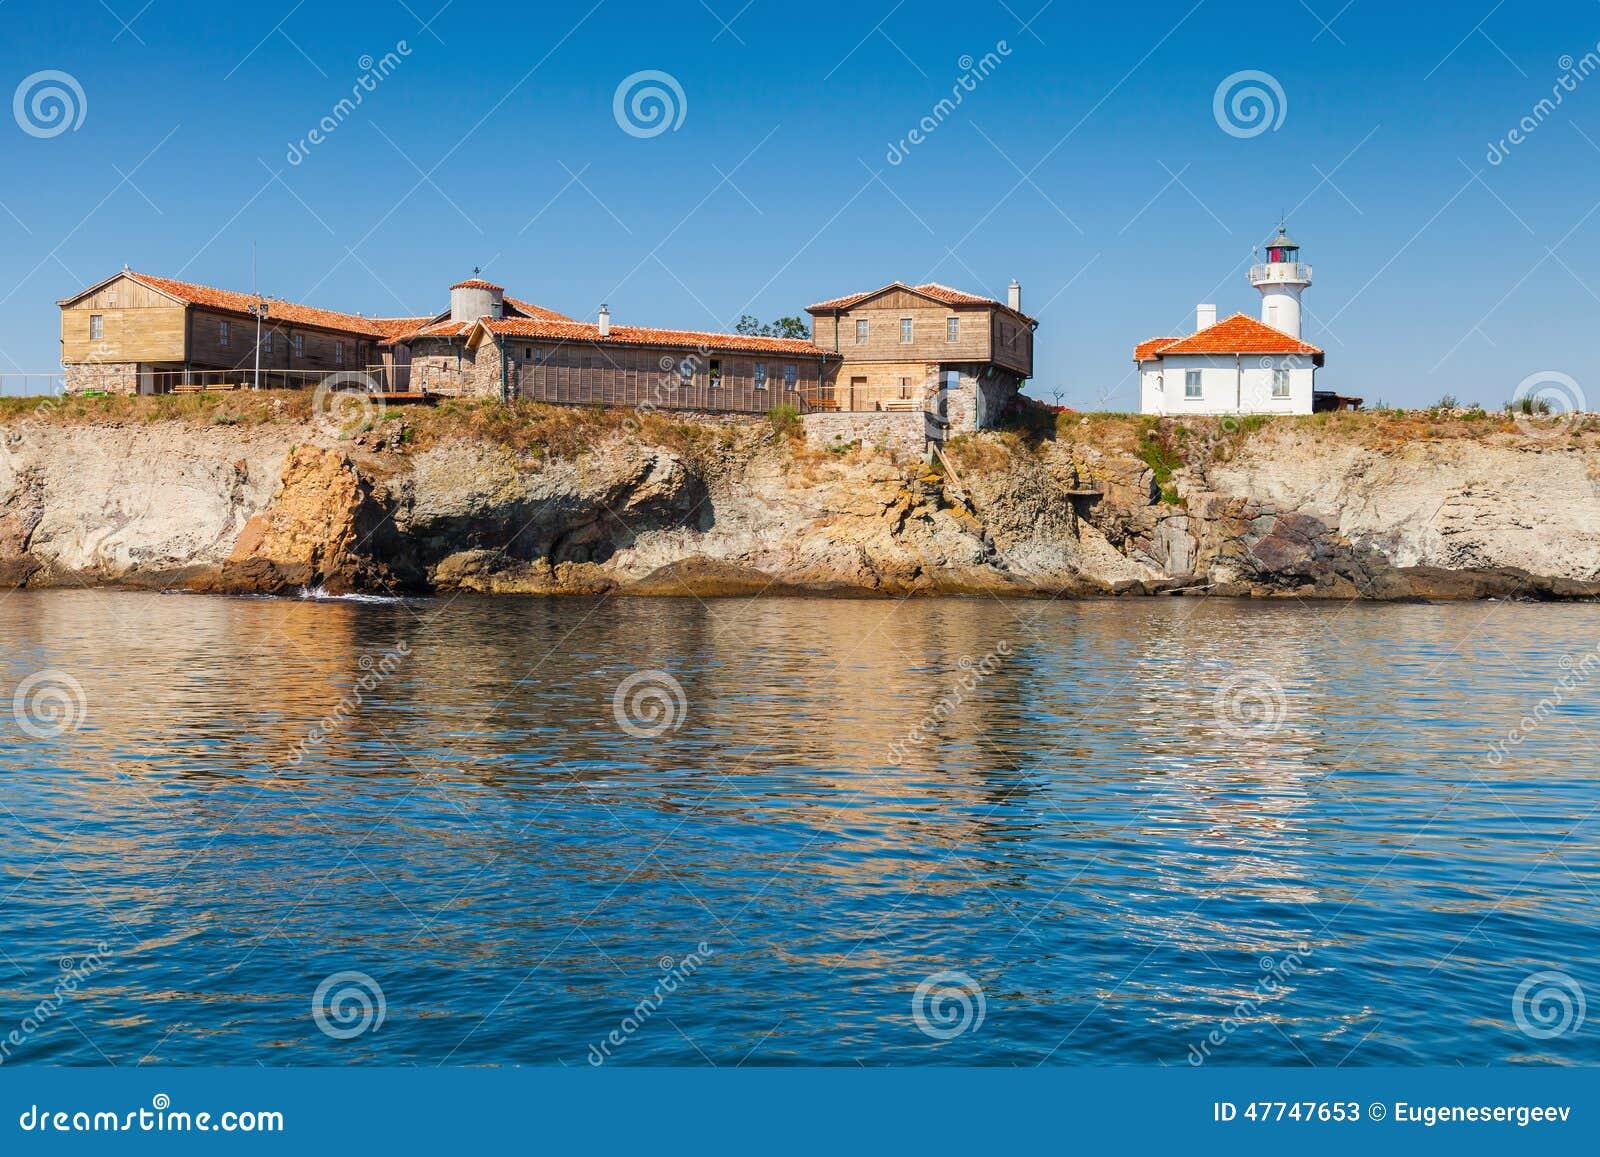 Faro y edificios de madera viejos en la isla